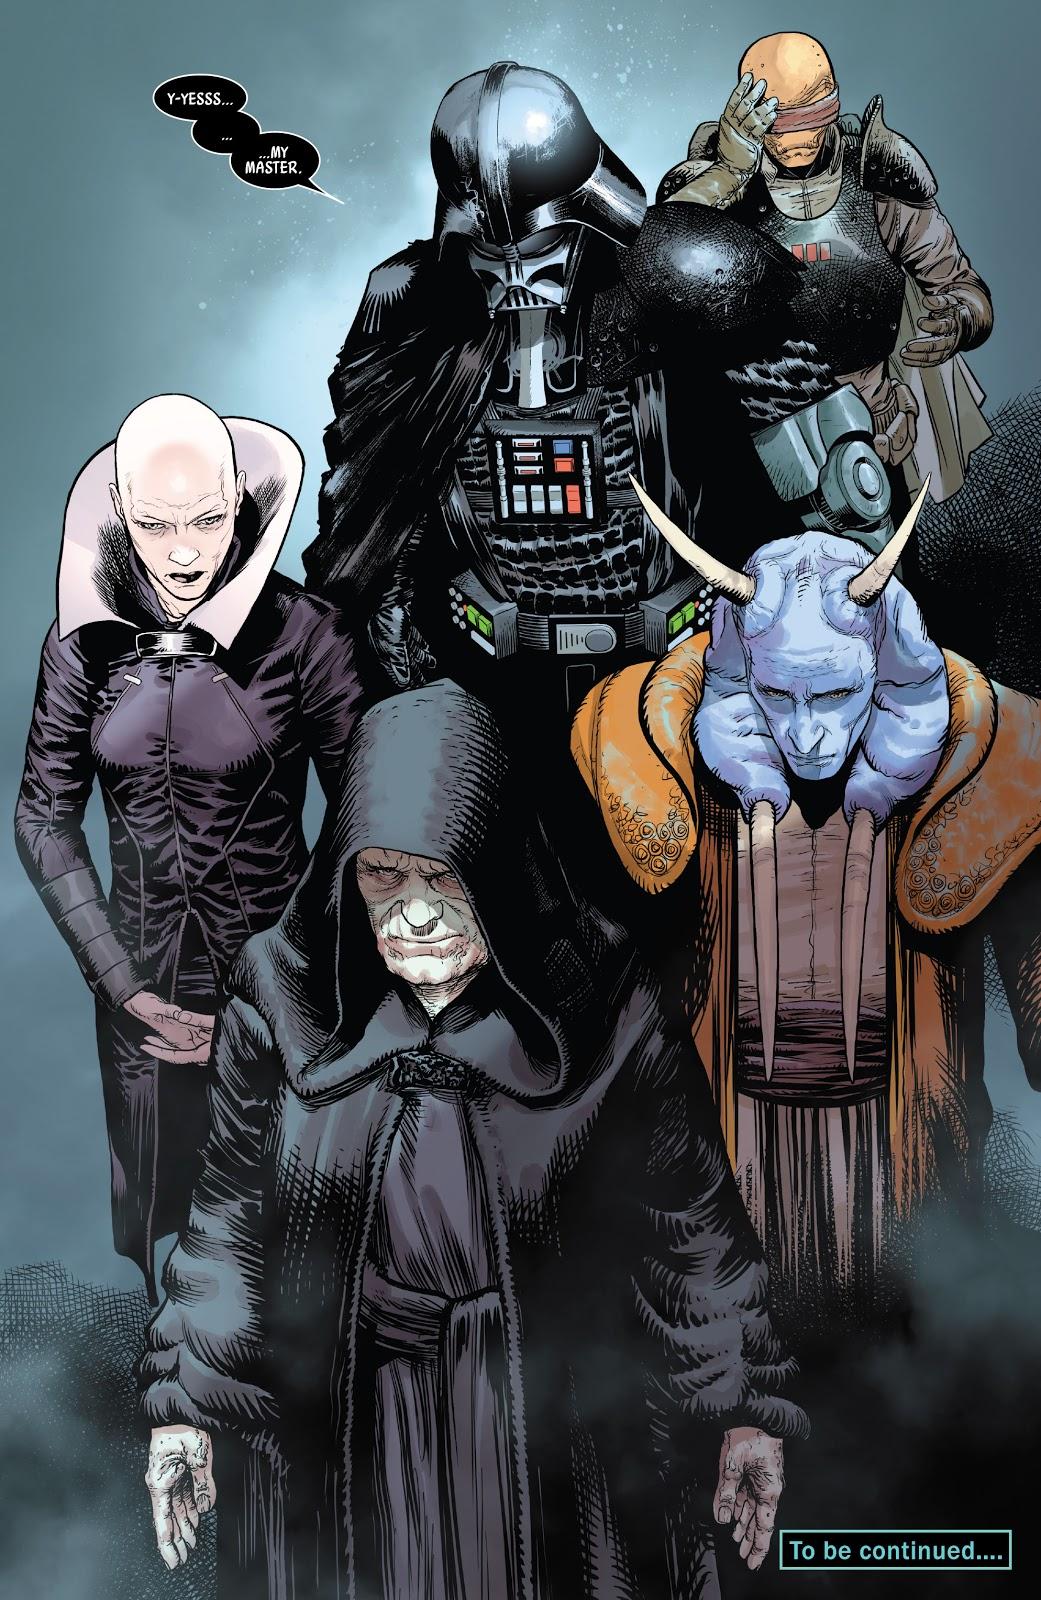 Star Wars: Darth Vader Vol. 1 #11